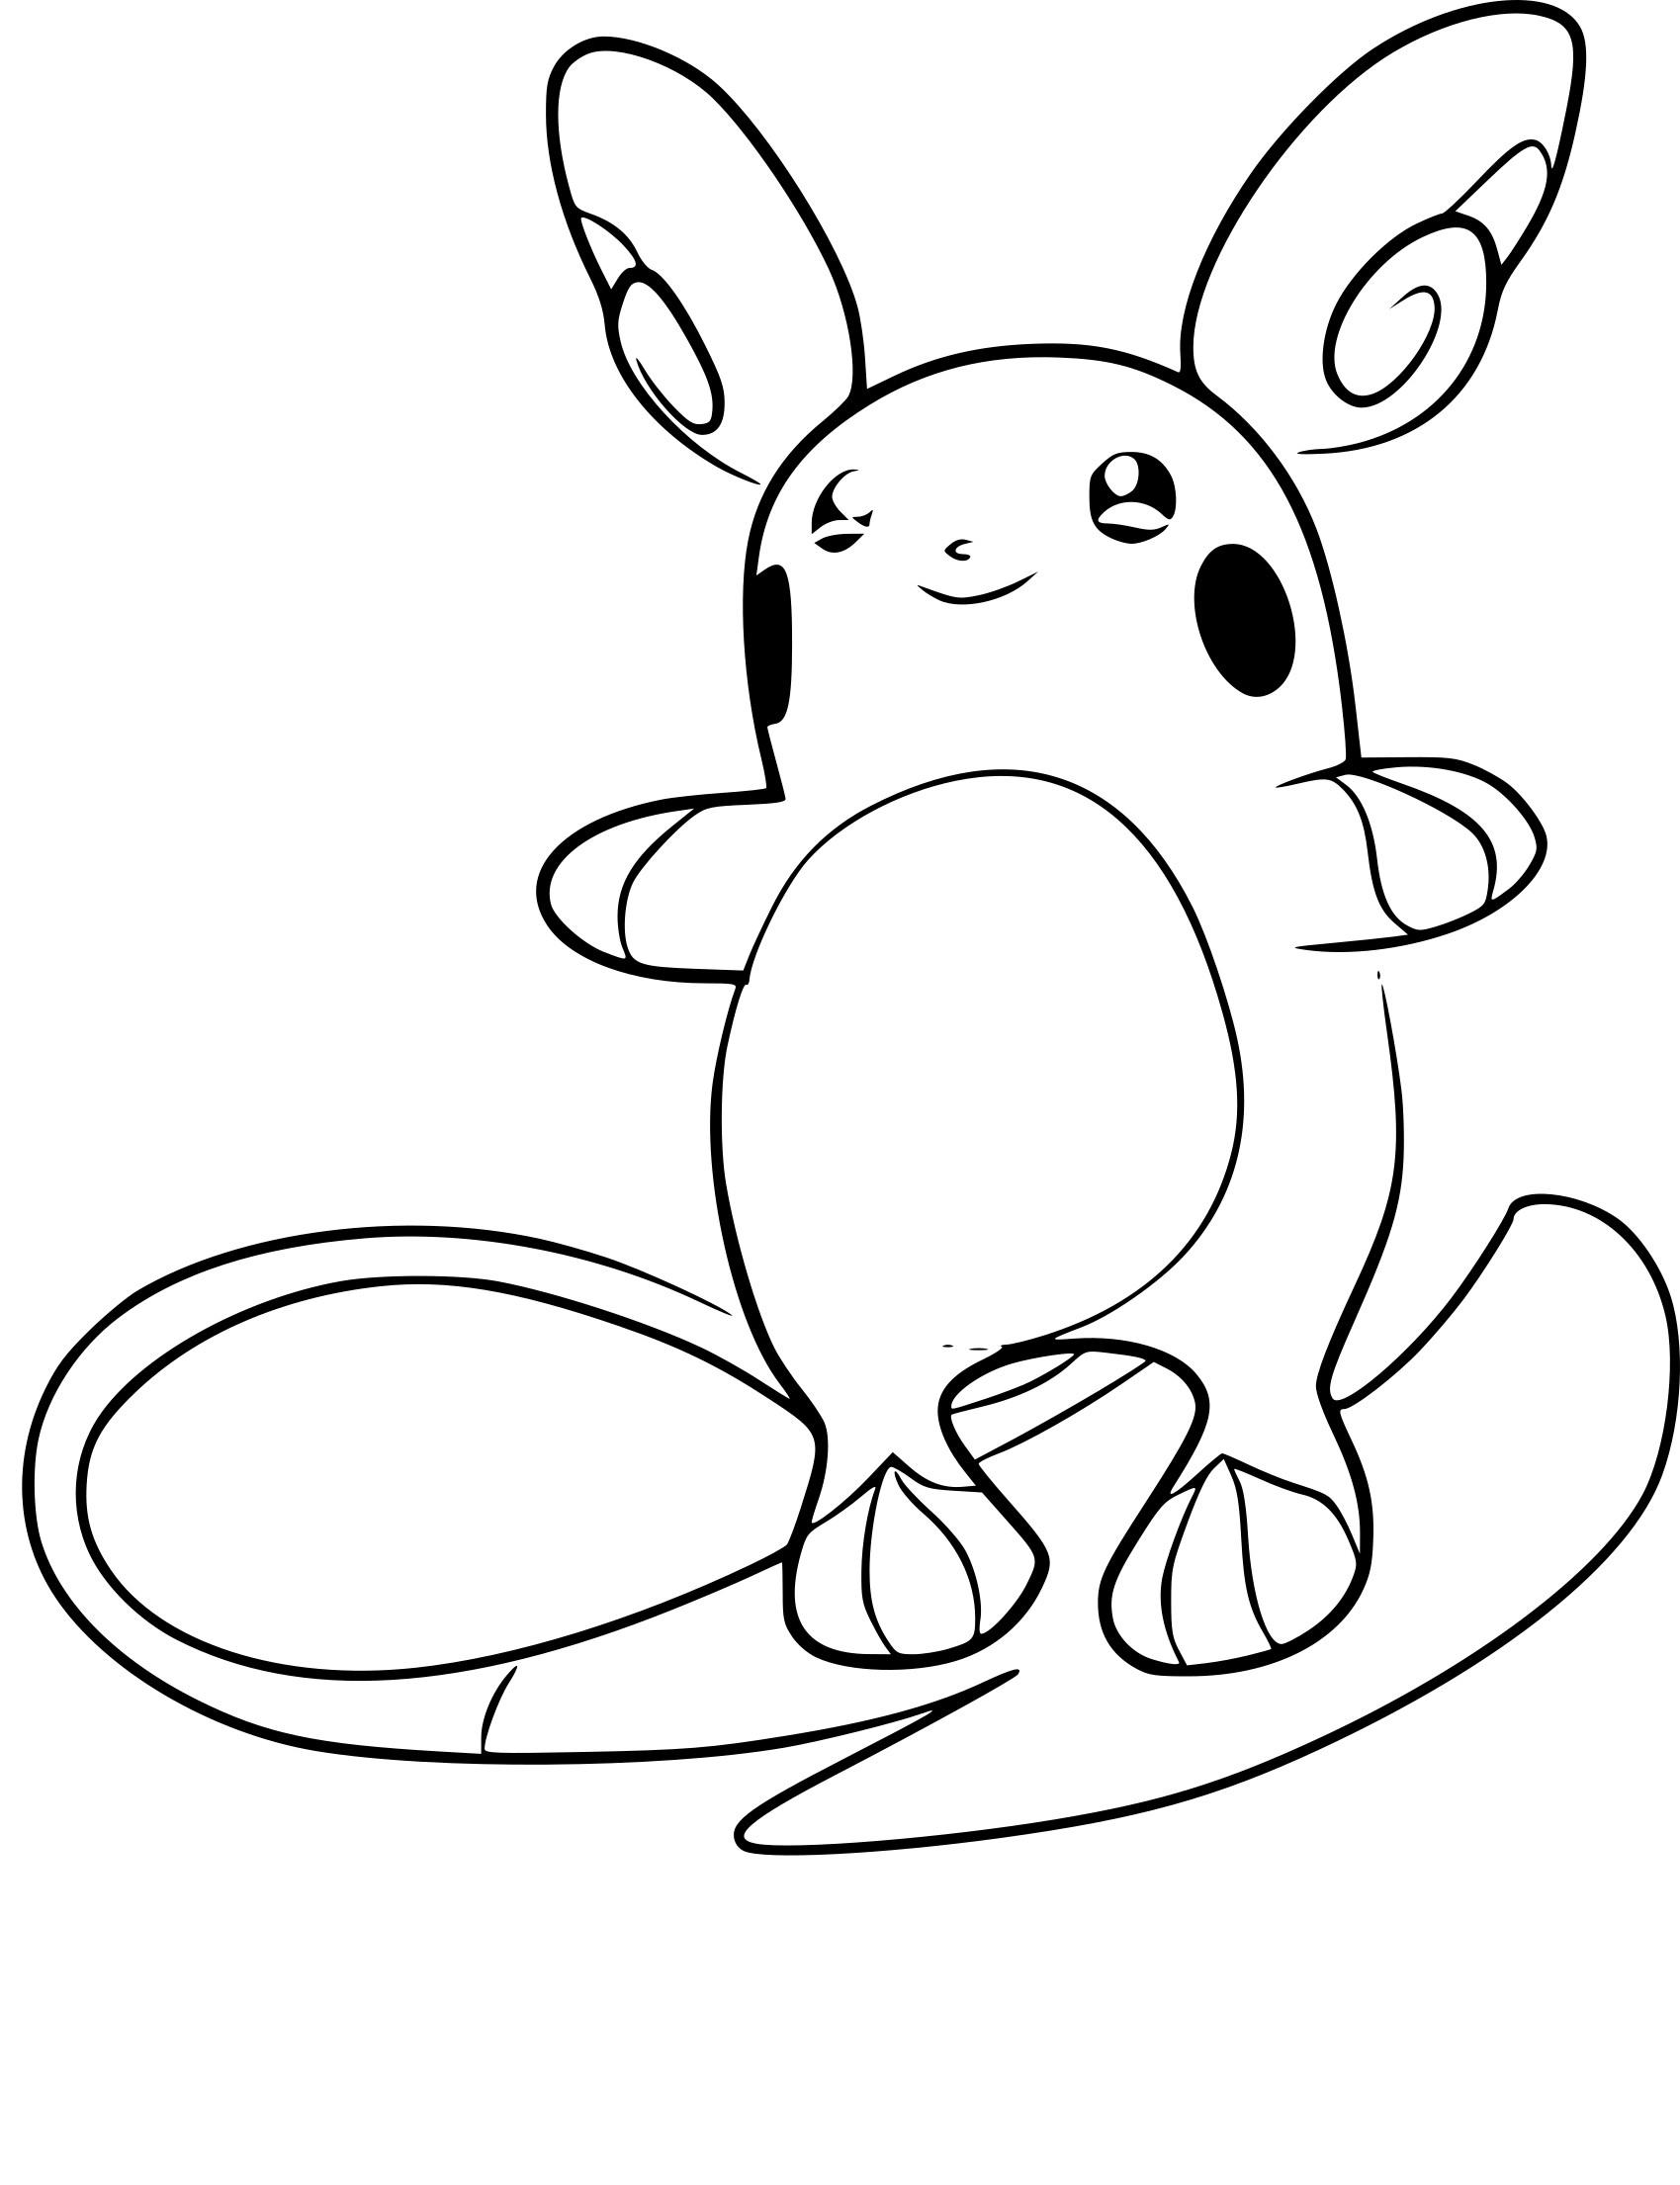 Coloriage Raichu D'alola Pokemon À Imprimer dedans Coloriage D Épée